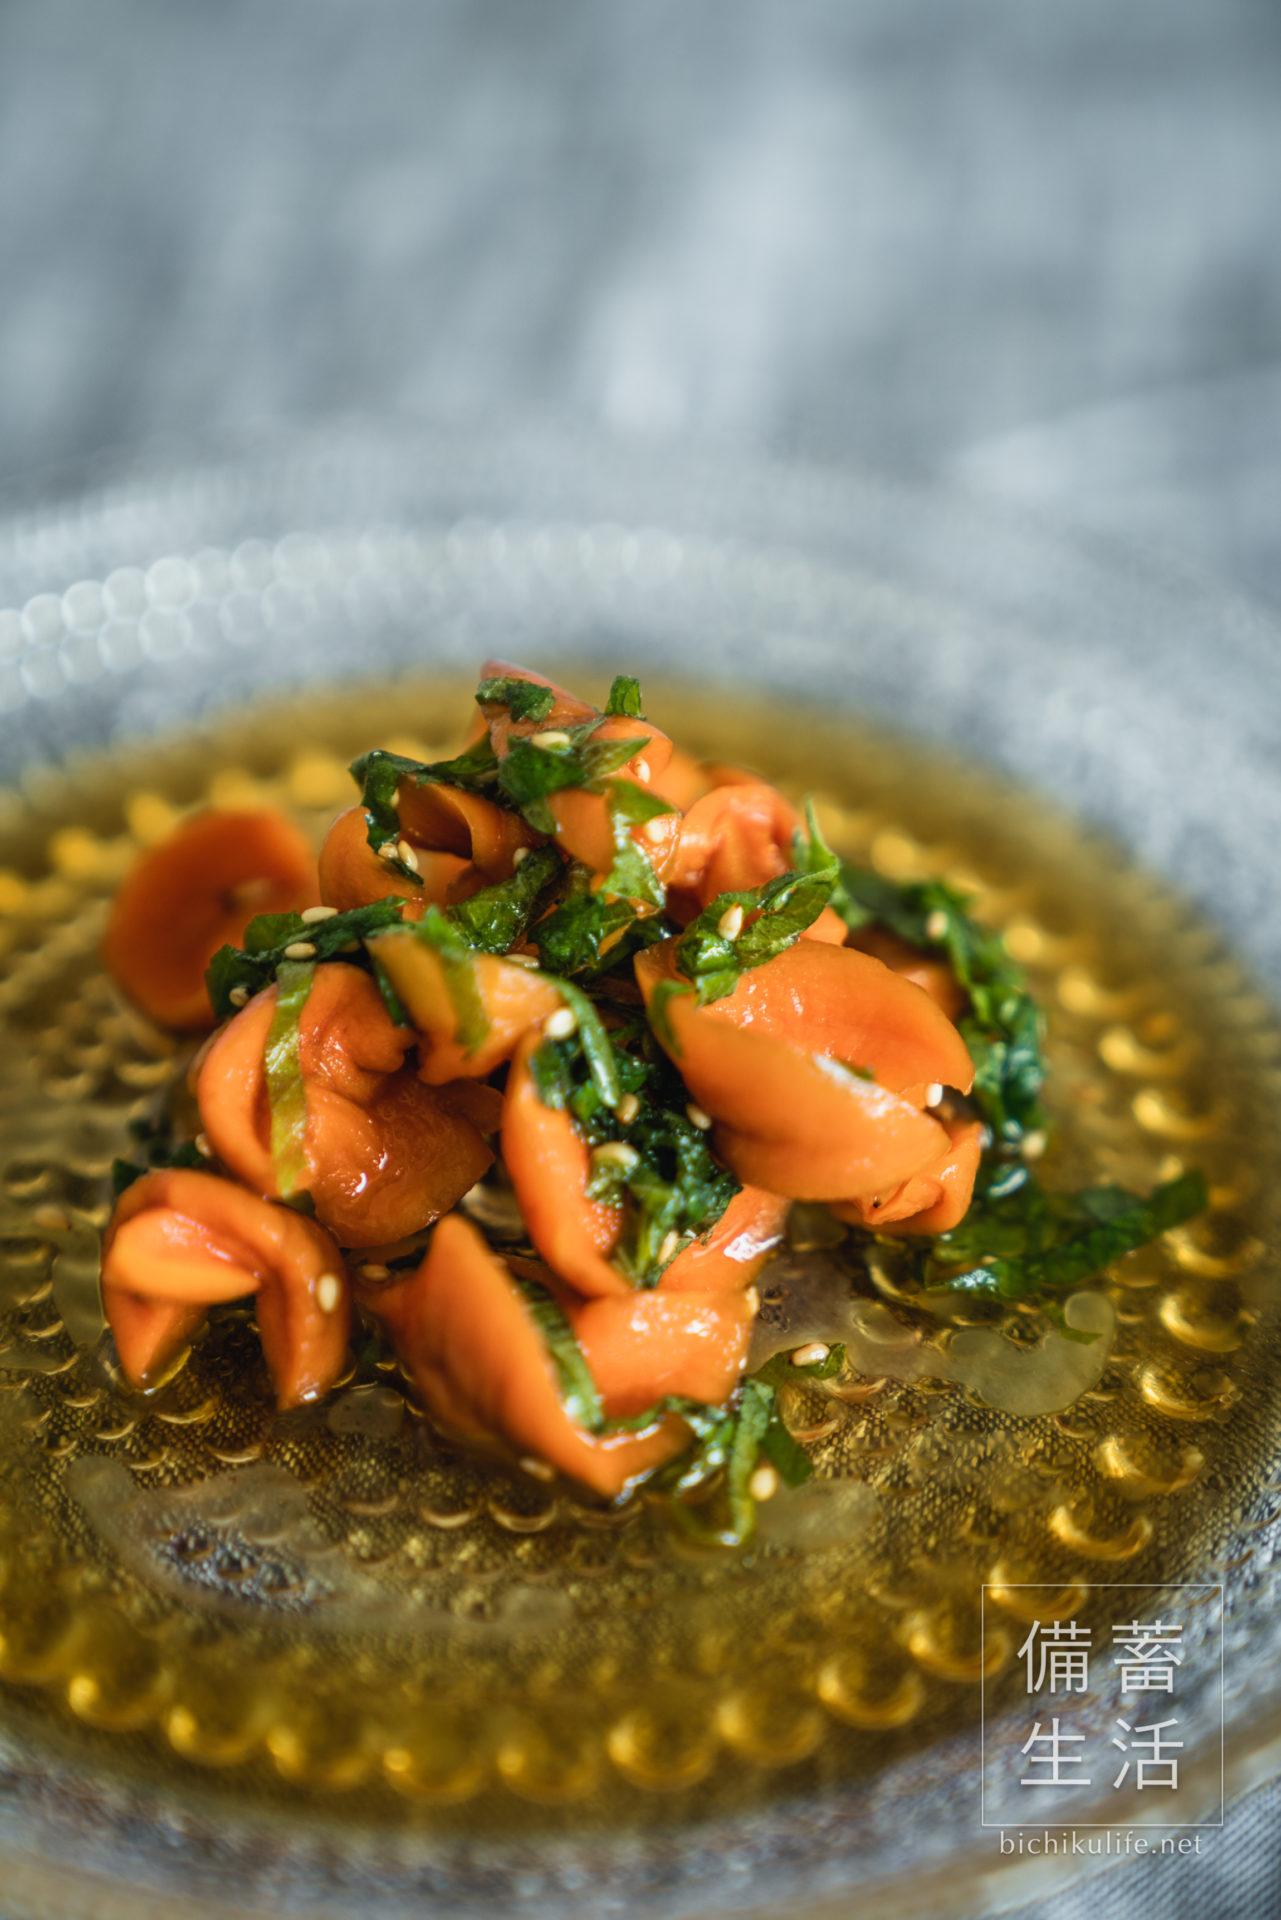 干しにんじんのレシピ 干し野菜づくり -干し人参-乱切り 干し人参の青じそマリネ